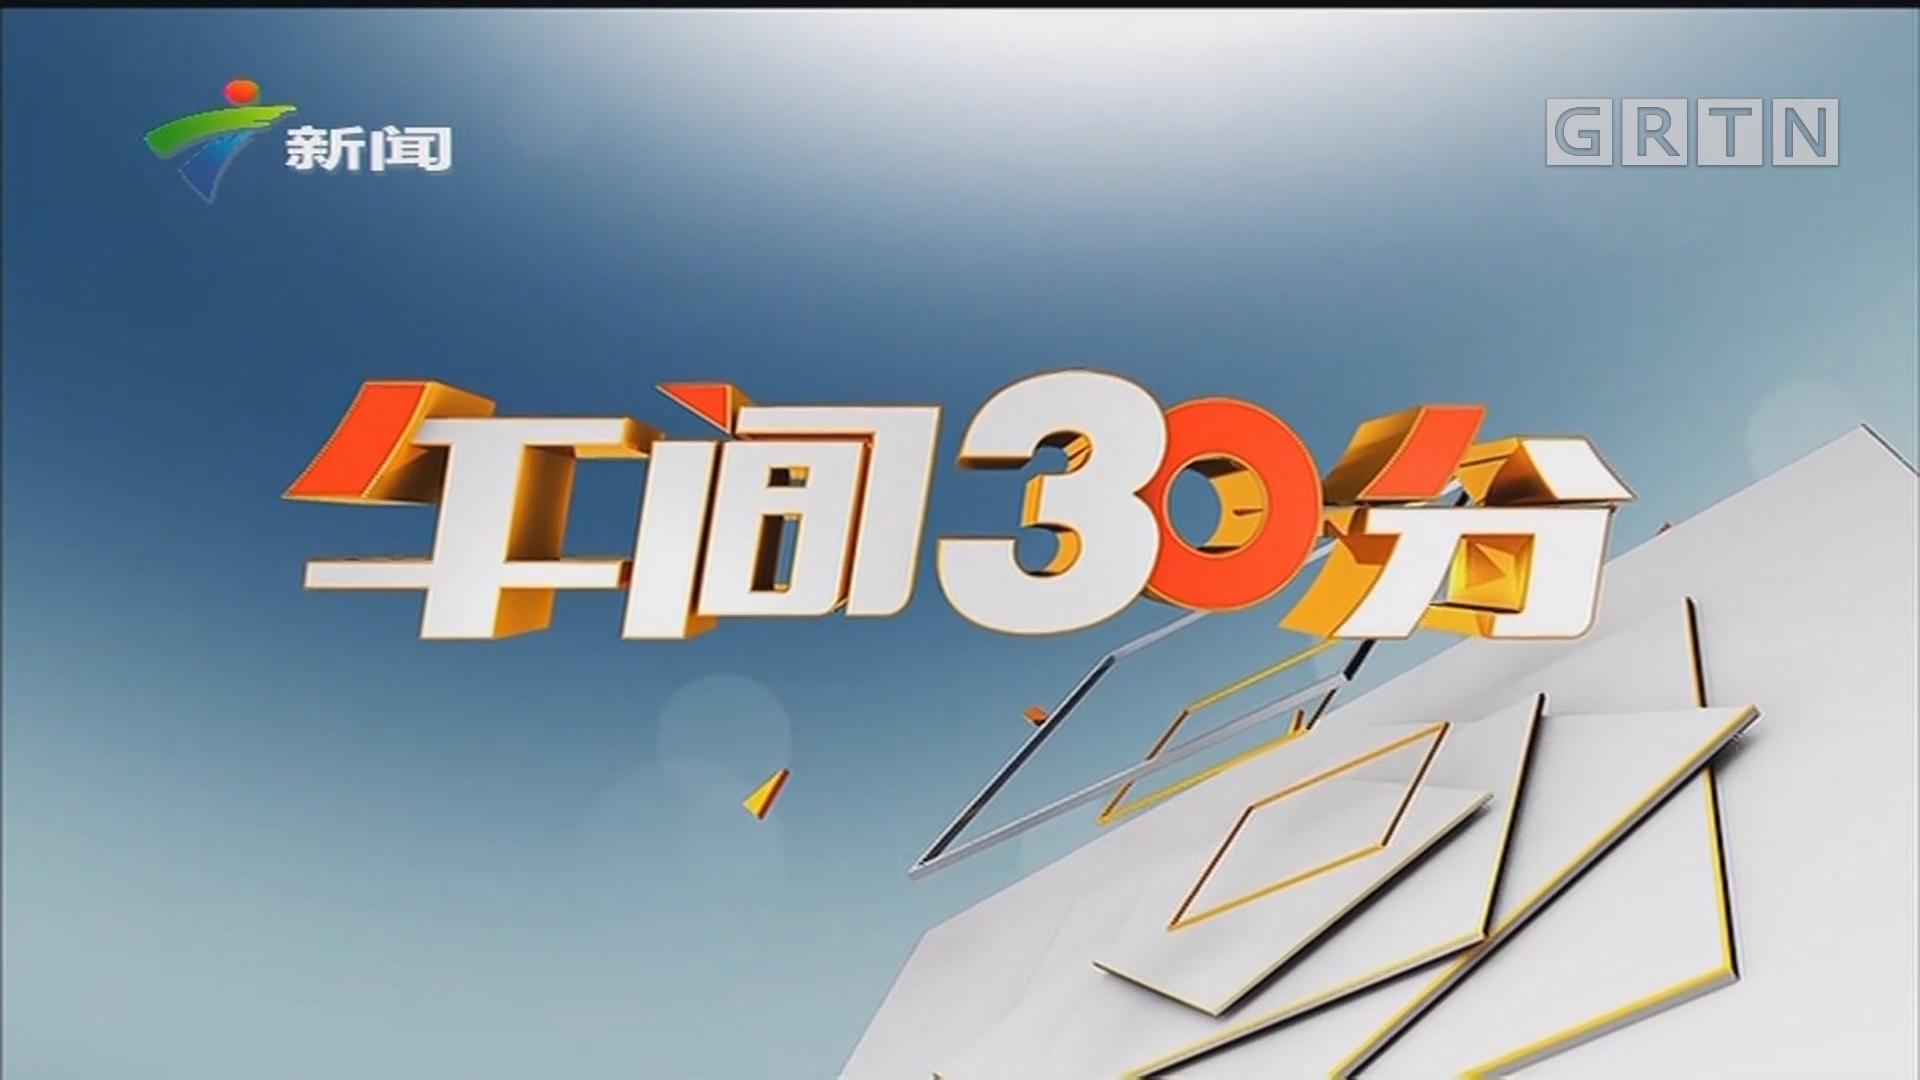 [HD][2019-07-28]午间30分:广州中小学科技夏令营火热进行:营员4人一组挑战动力小船制作任务